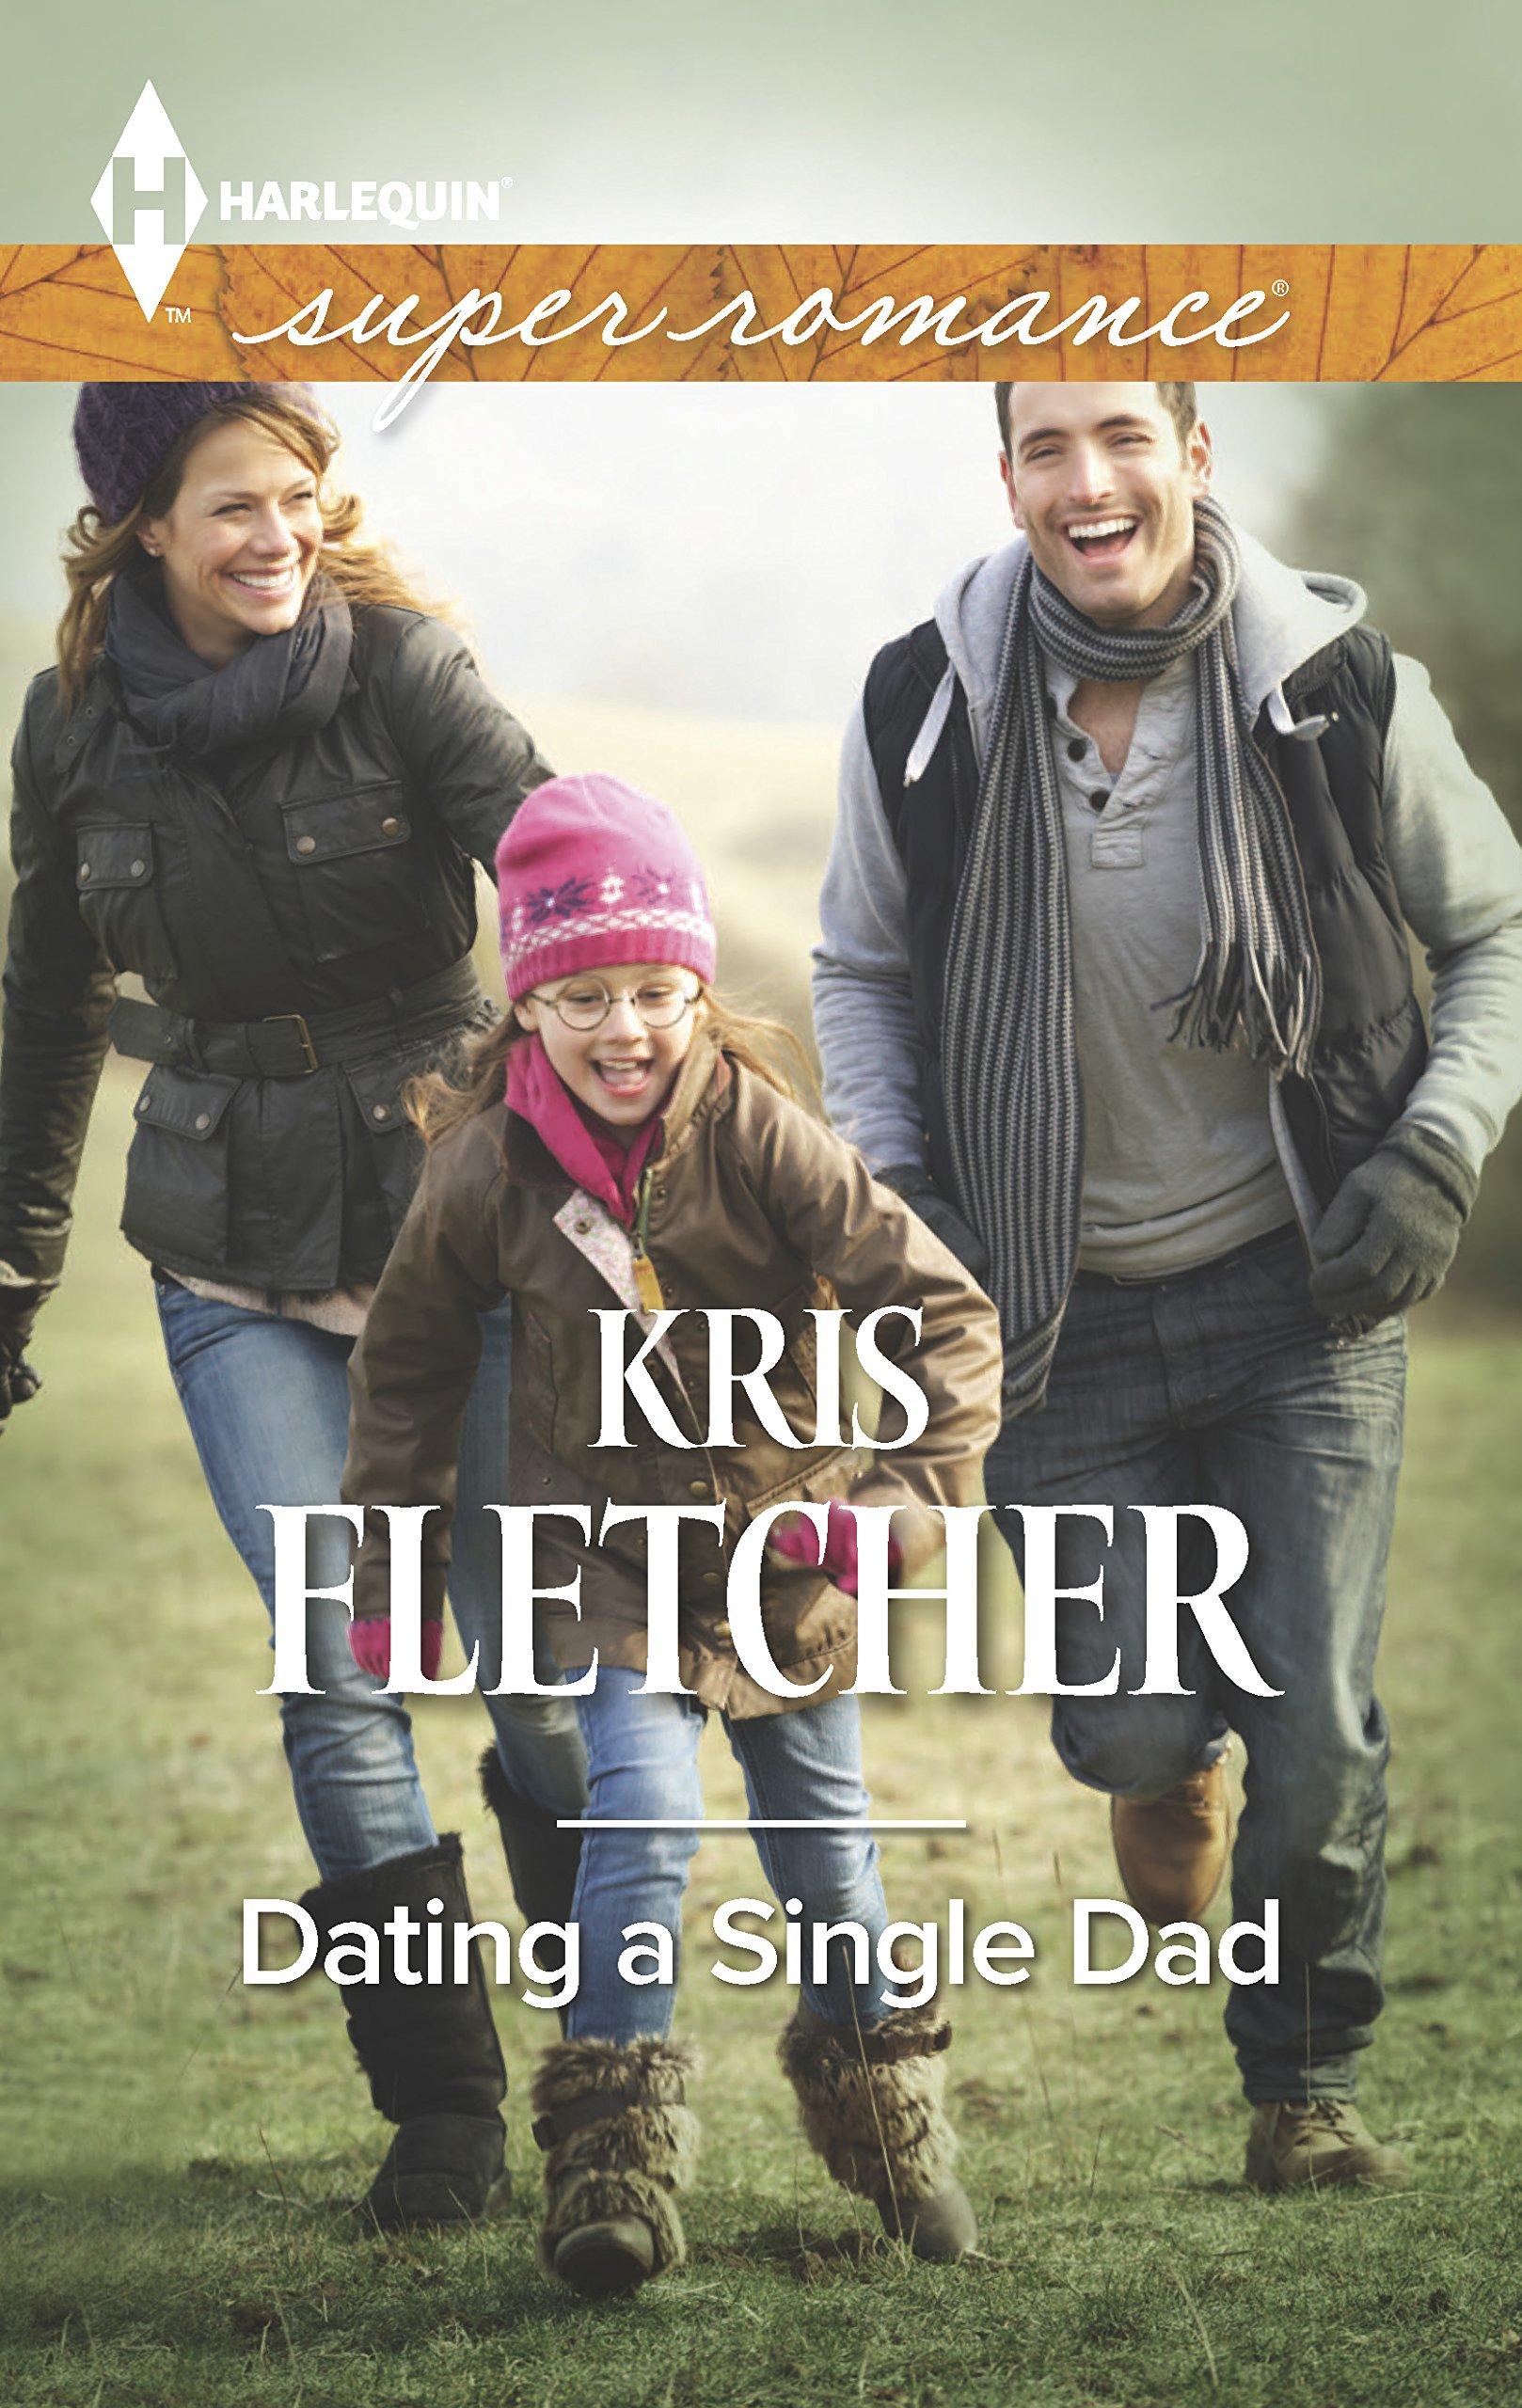 Fletcher dating